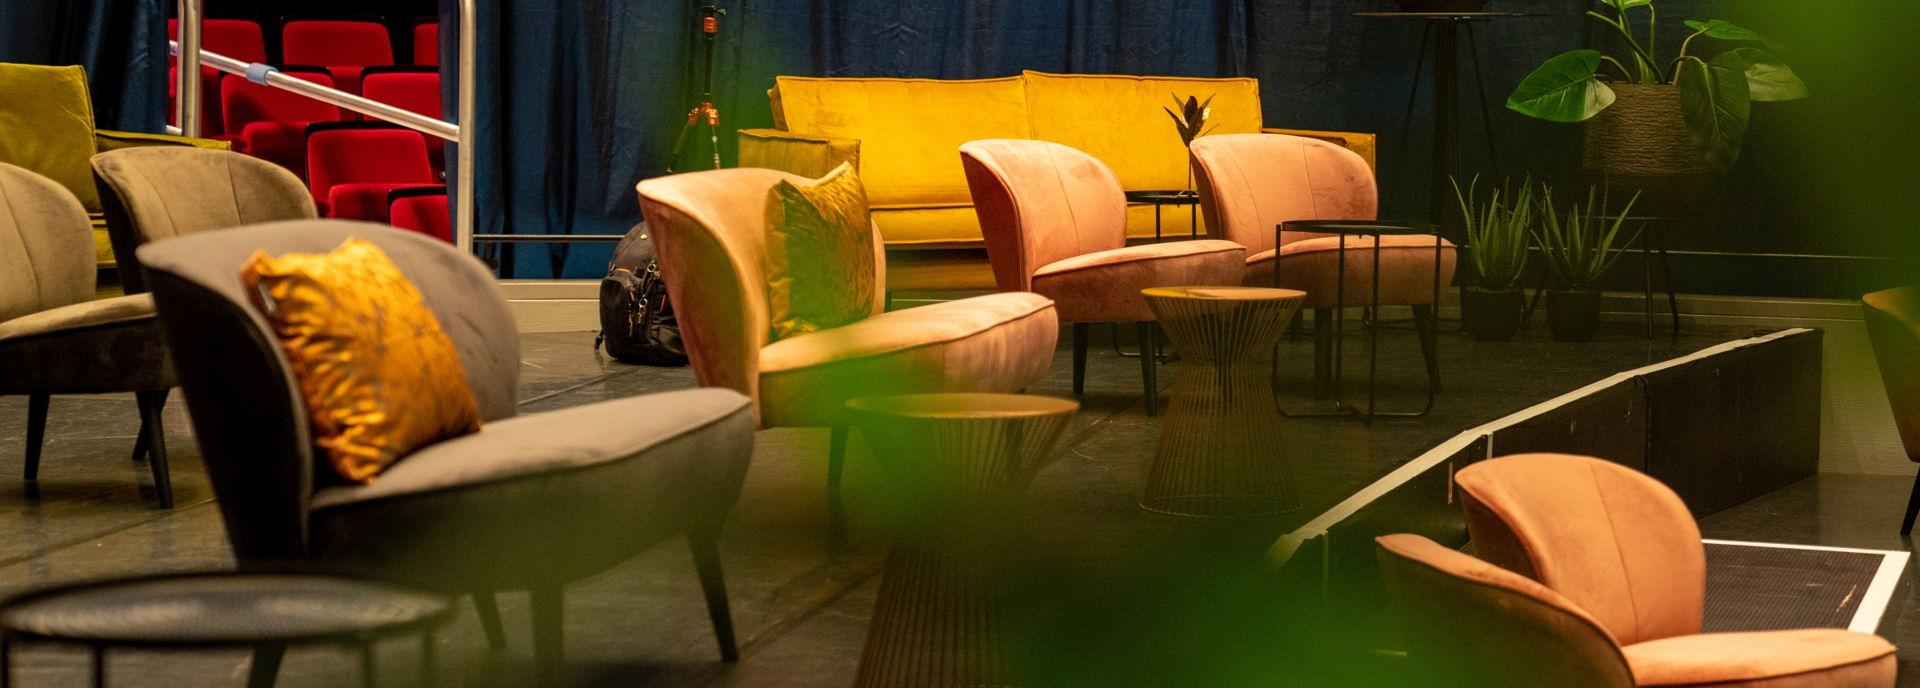 De grote zaal van De Tamboer is in 2020 omgetoverd tot Tamboer-lounge met gezellige bankjes, fauteuils en zitjes.